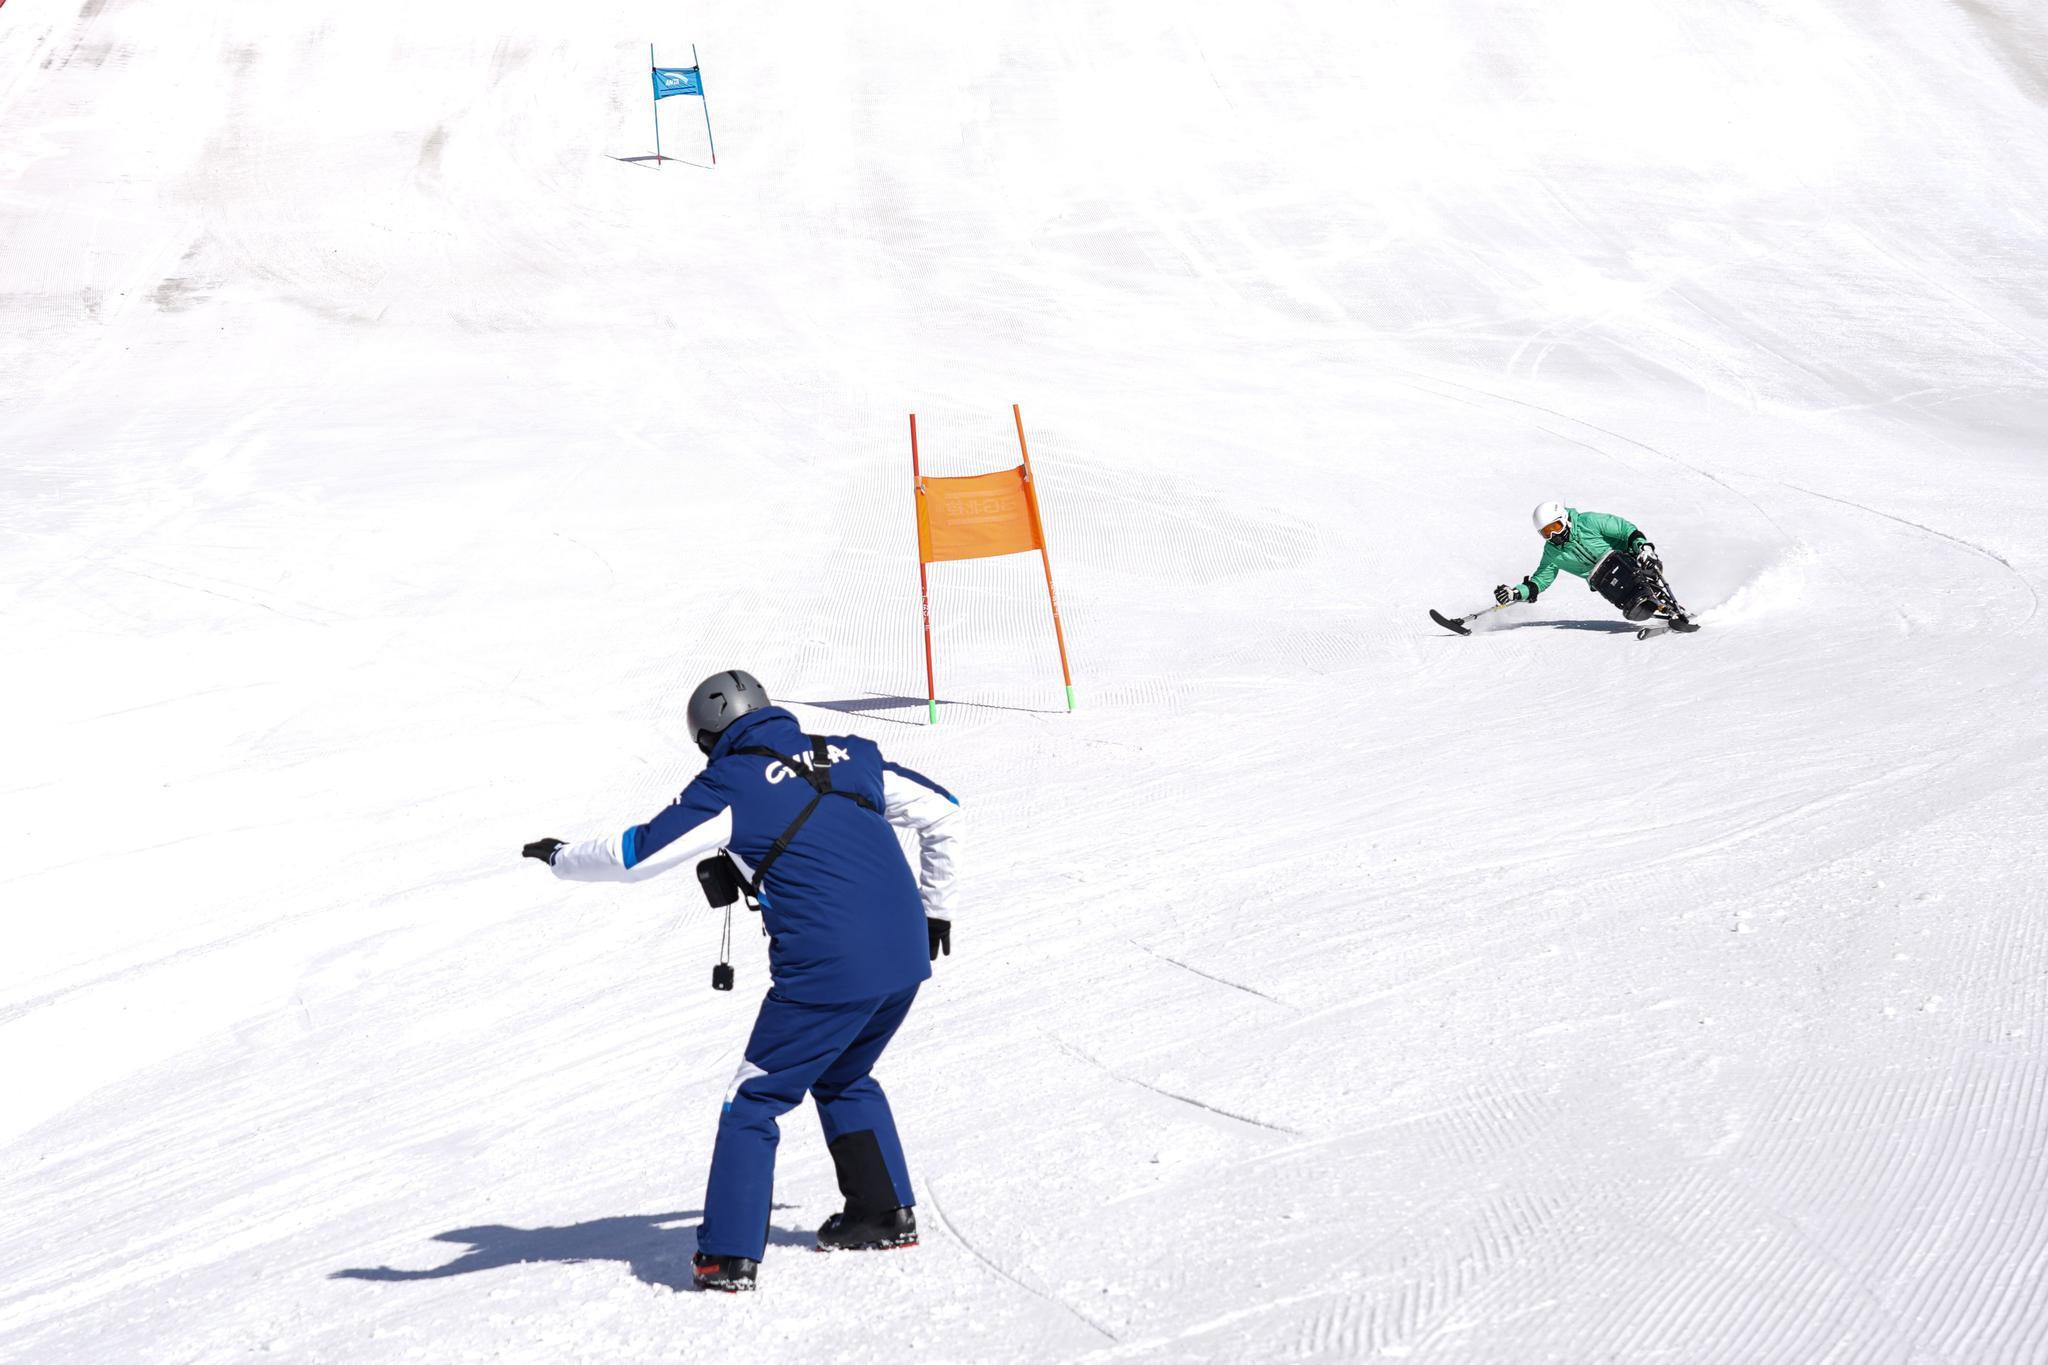 (体育·图文互动)(6)从0到1的跨越:意大利籍教练见证中国残疾人高山滑雪项目发展